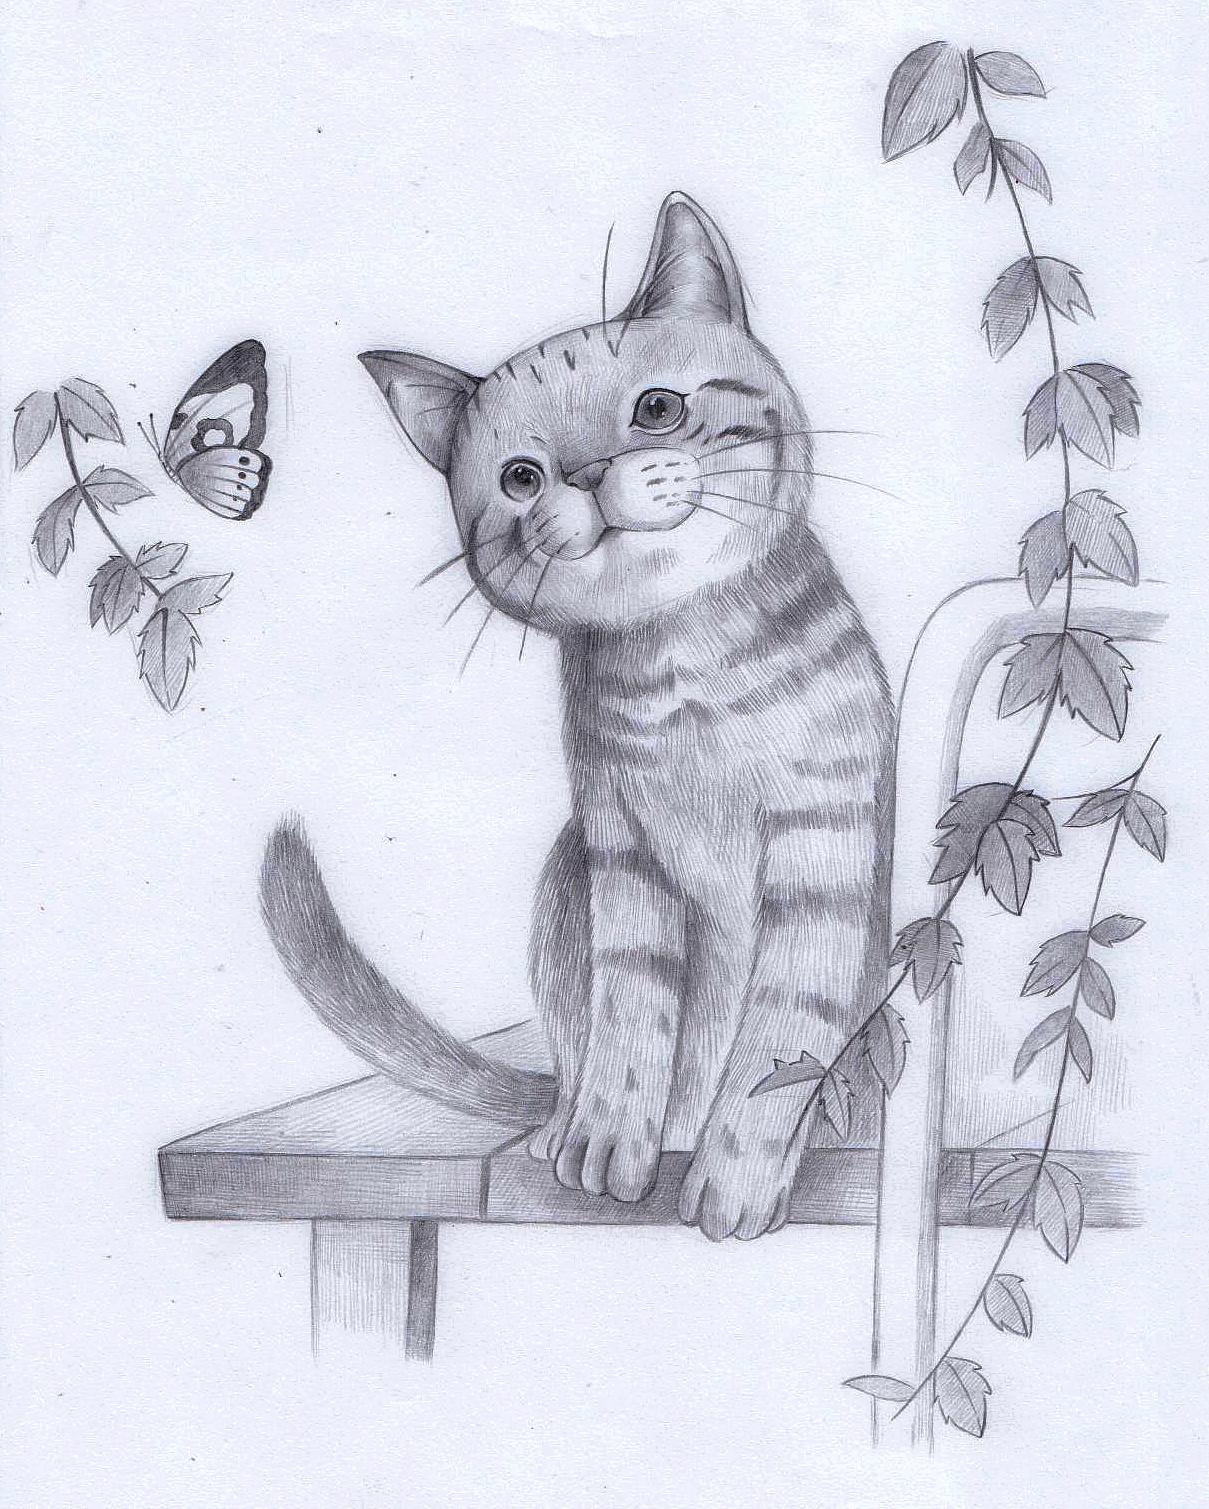 铅笔画|动漫|单幅漫画|很喜欢画画的星星 - 原创作品